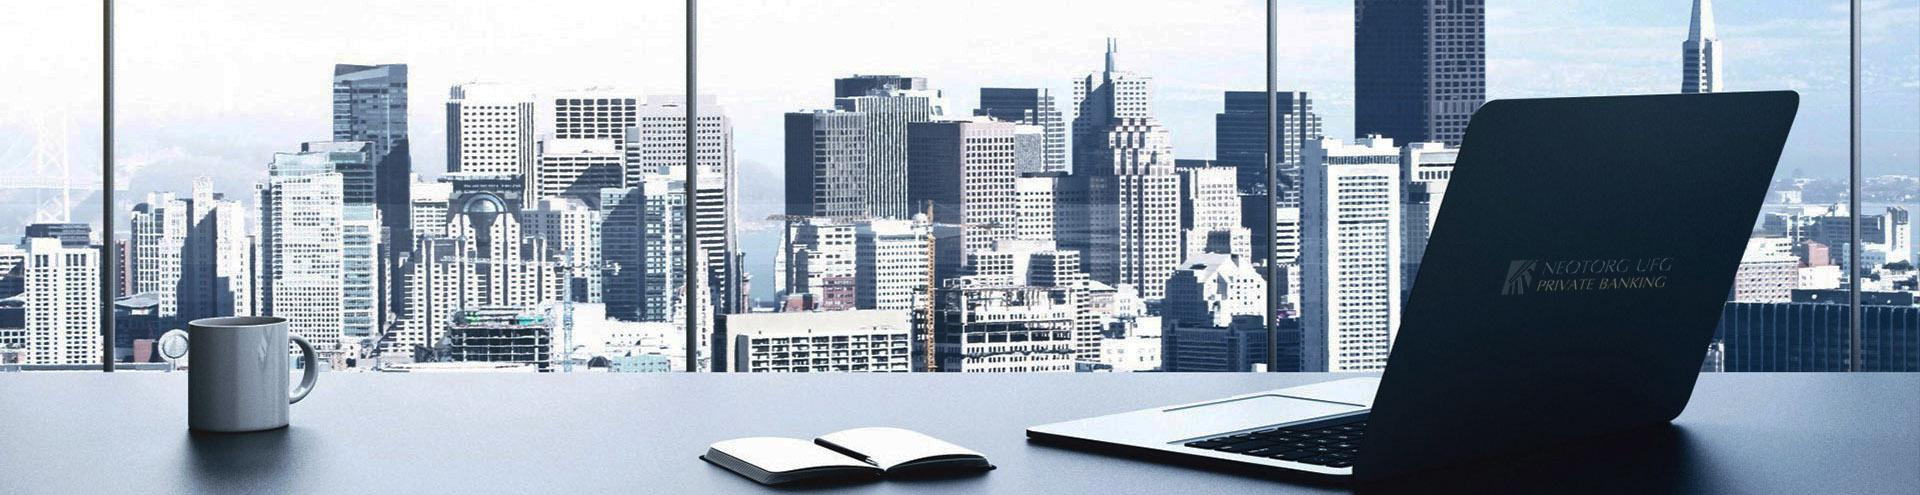 оказание юридических услуг юридическим лицам в Оренбурге и Оренбургской области